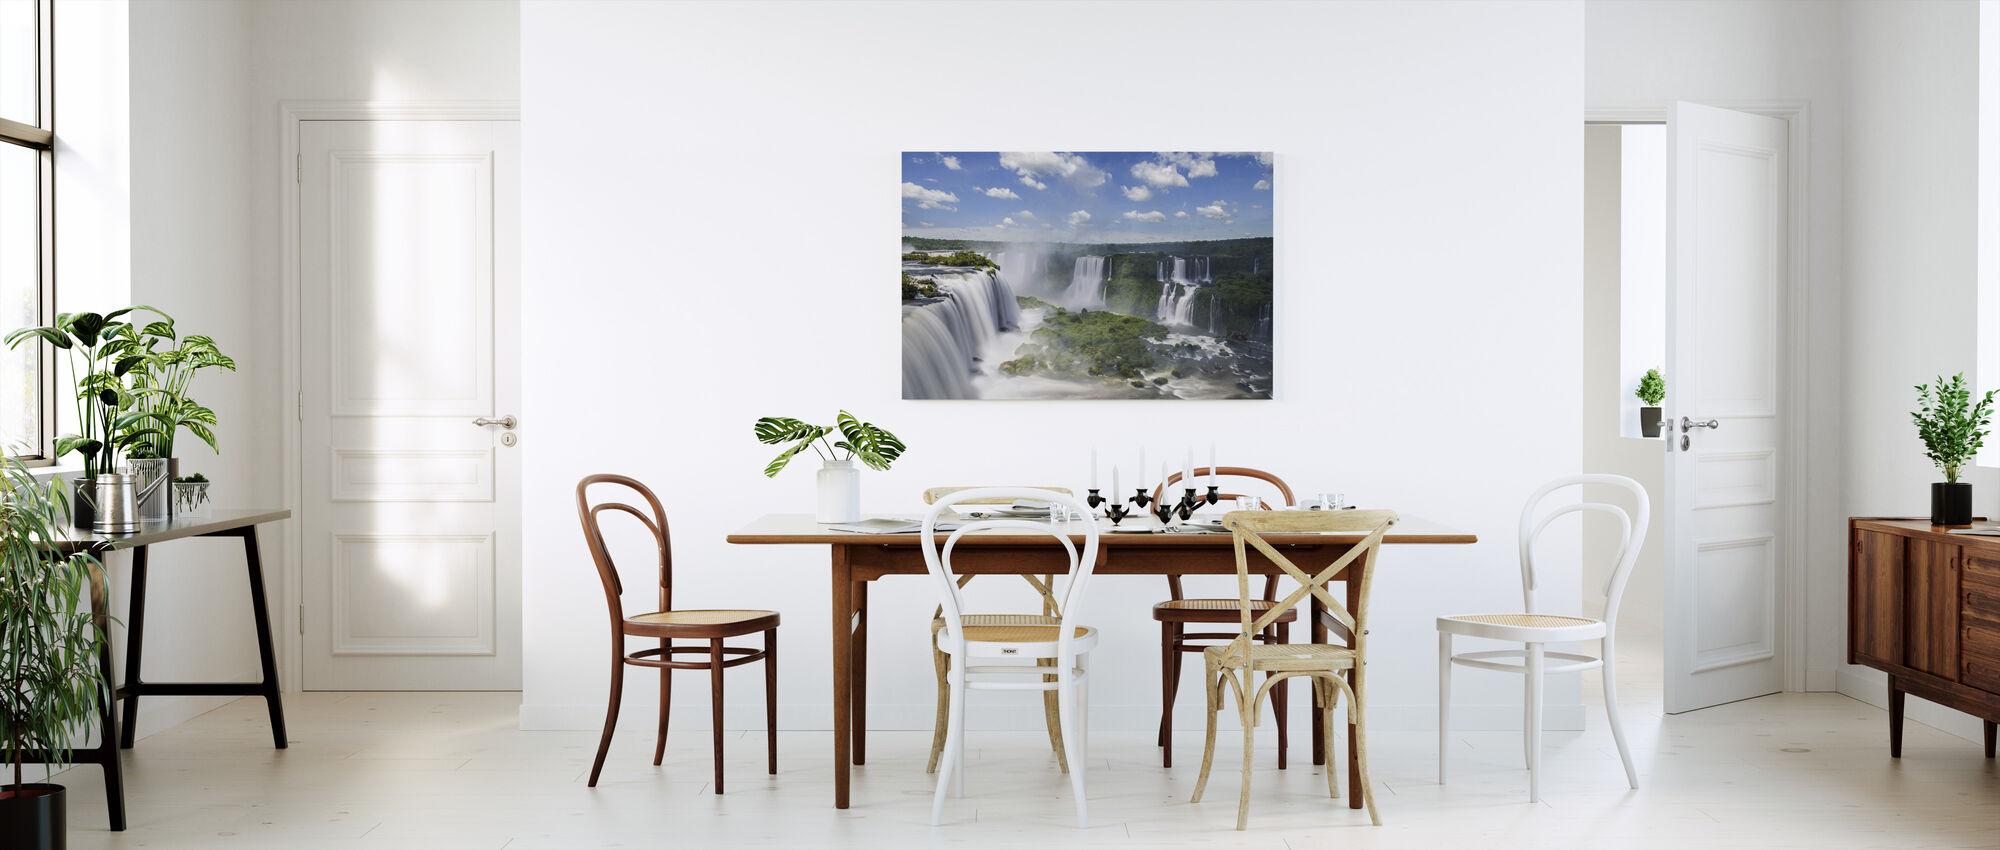 Iguazu vattenfall - Canvastavla - Kök